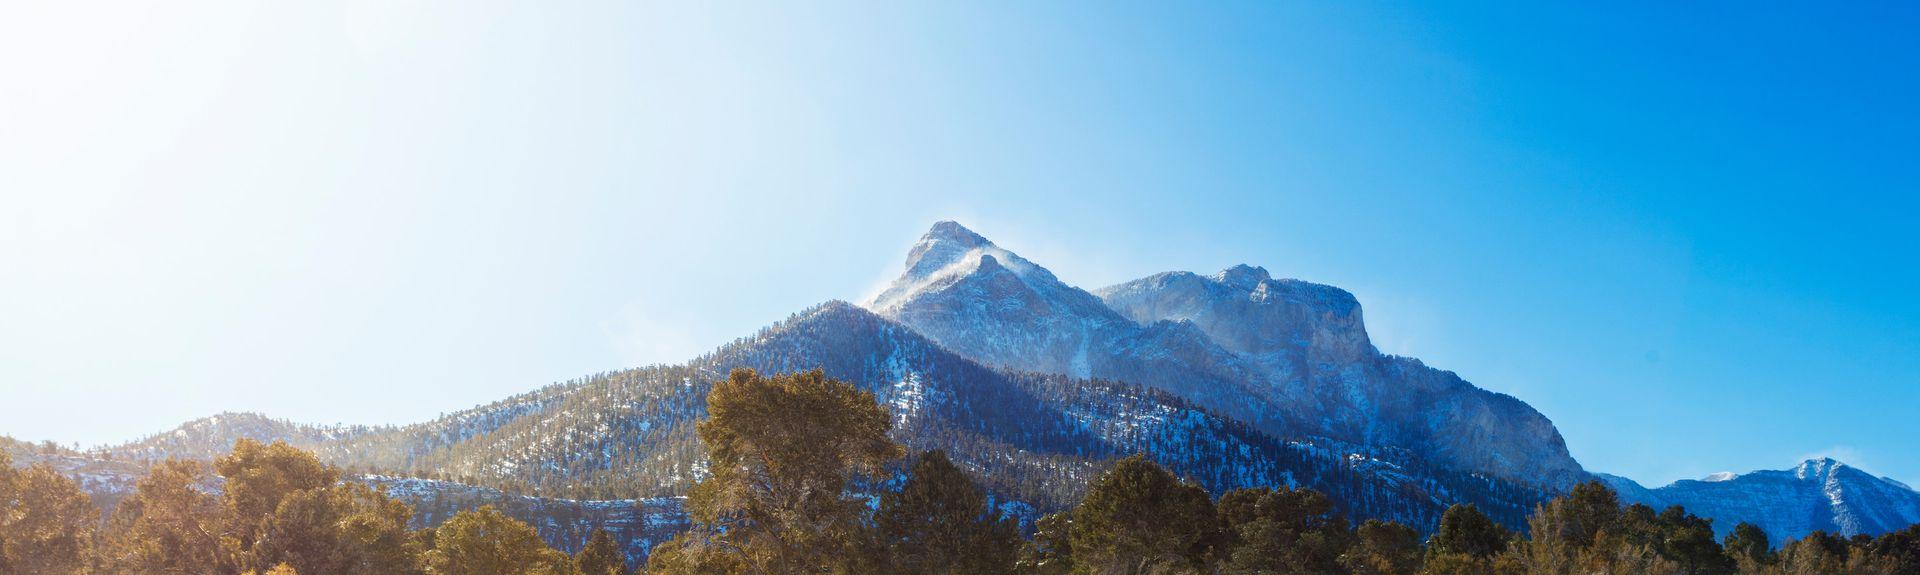 Mount Charleston, Nevada, États-Unis d'Amérique